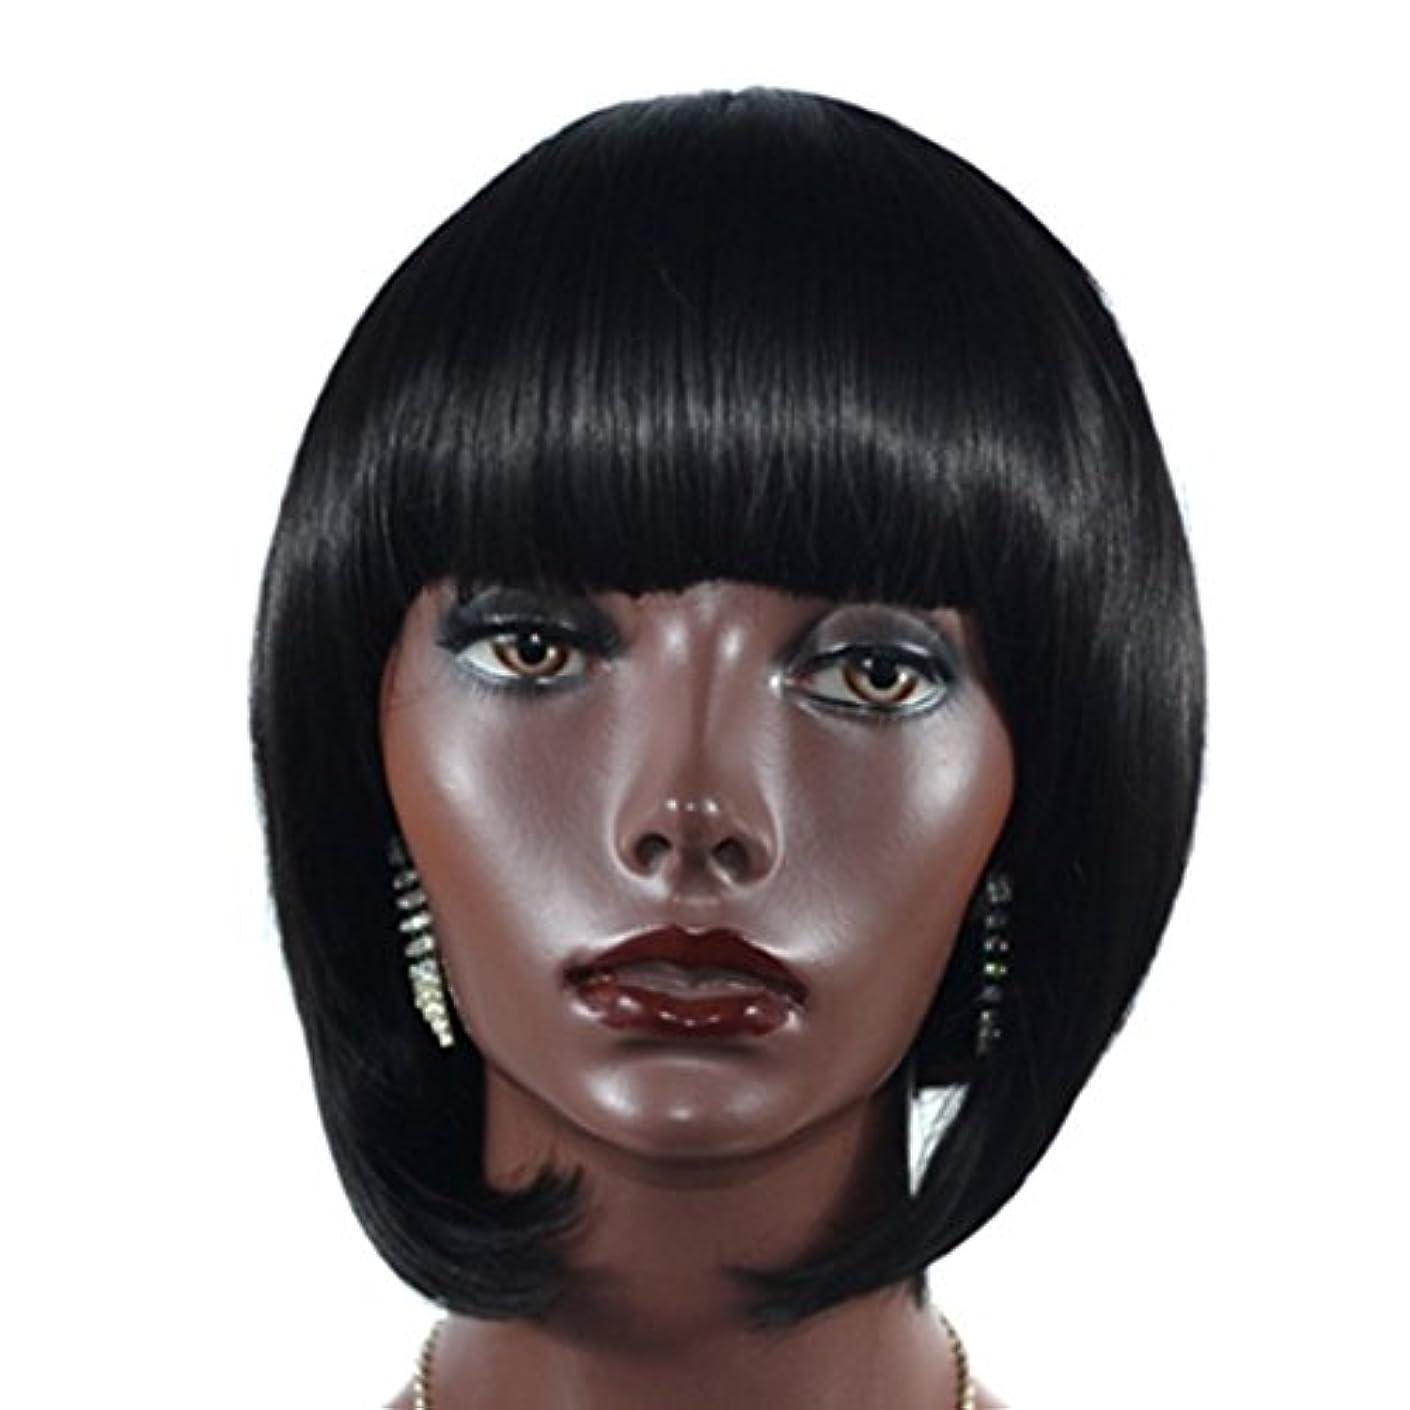 複製便利アルファベット順YOUQIU フラット前髪ウィッグウィッグとの自然なリアルなガールズウィッグ-25センチメートルボボショートストレートウィッグ黒髪 (色 : 黒)